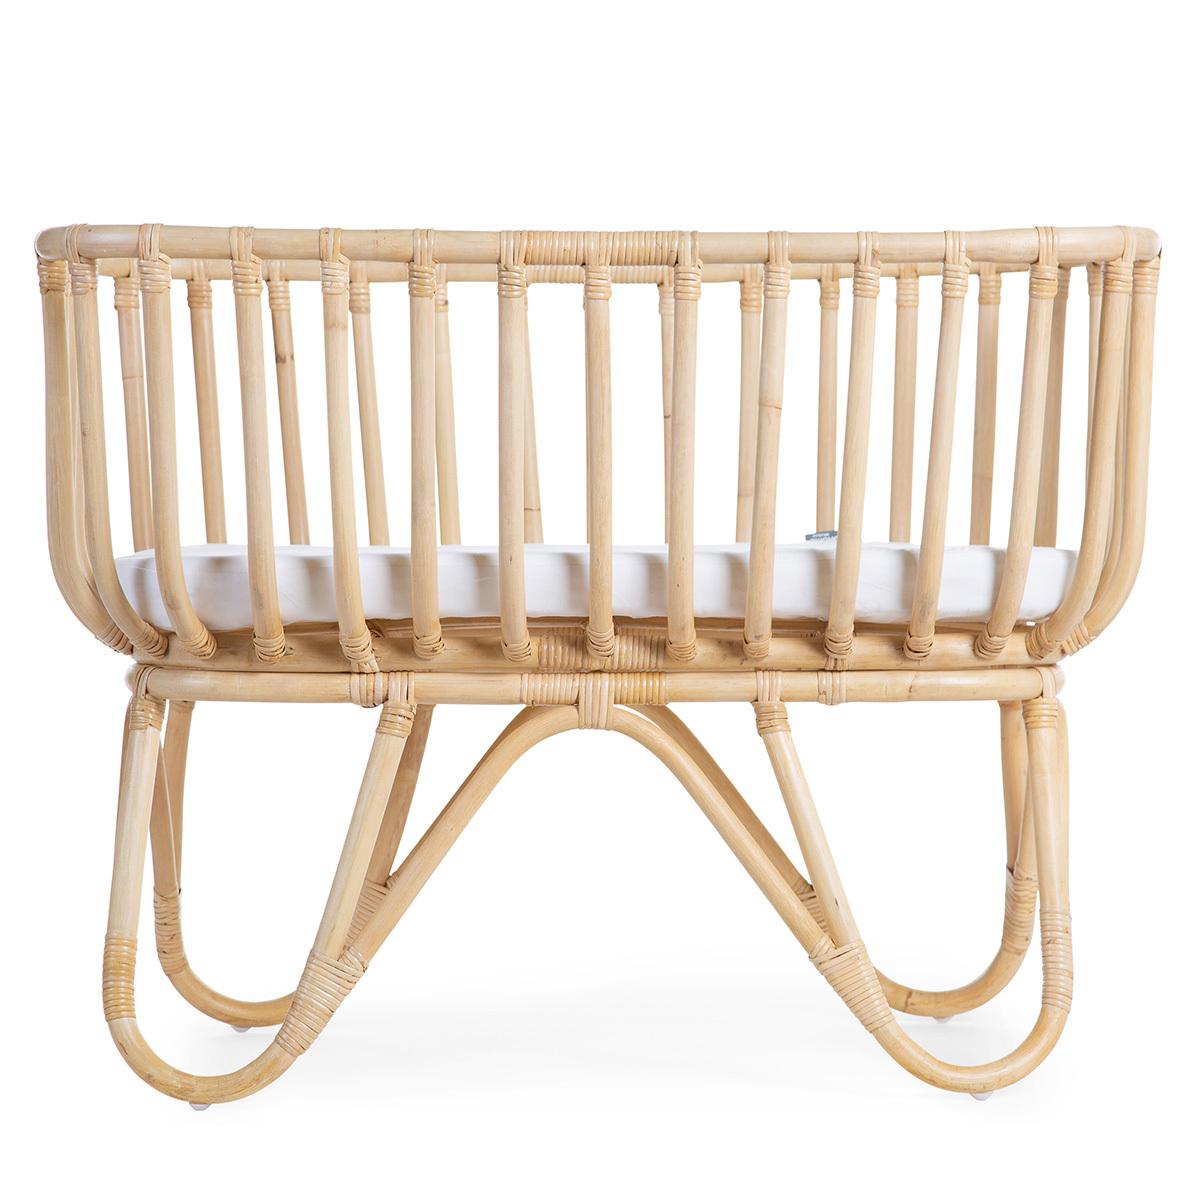 Lit bébé Berceau en Rotin Rectangulaire avec Matelas - Naturel Berceau en Rotin Rectangulaire avec Matelas - Naturel